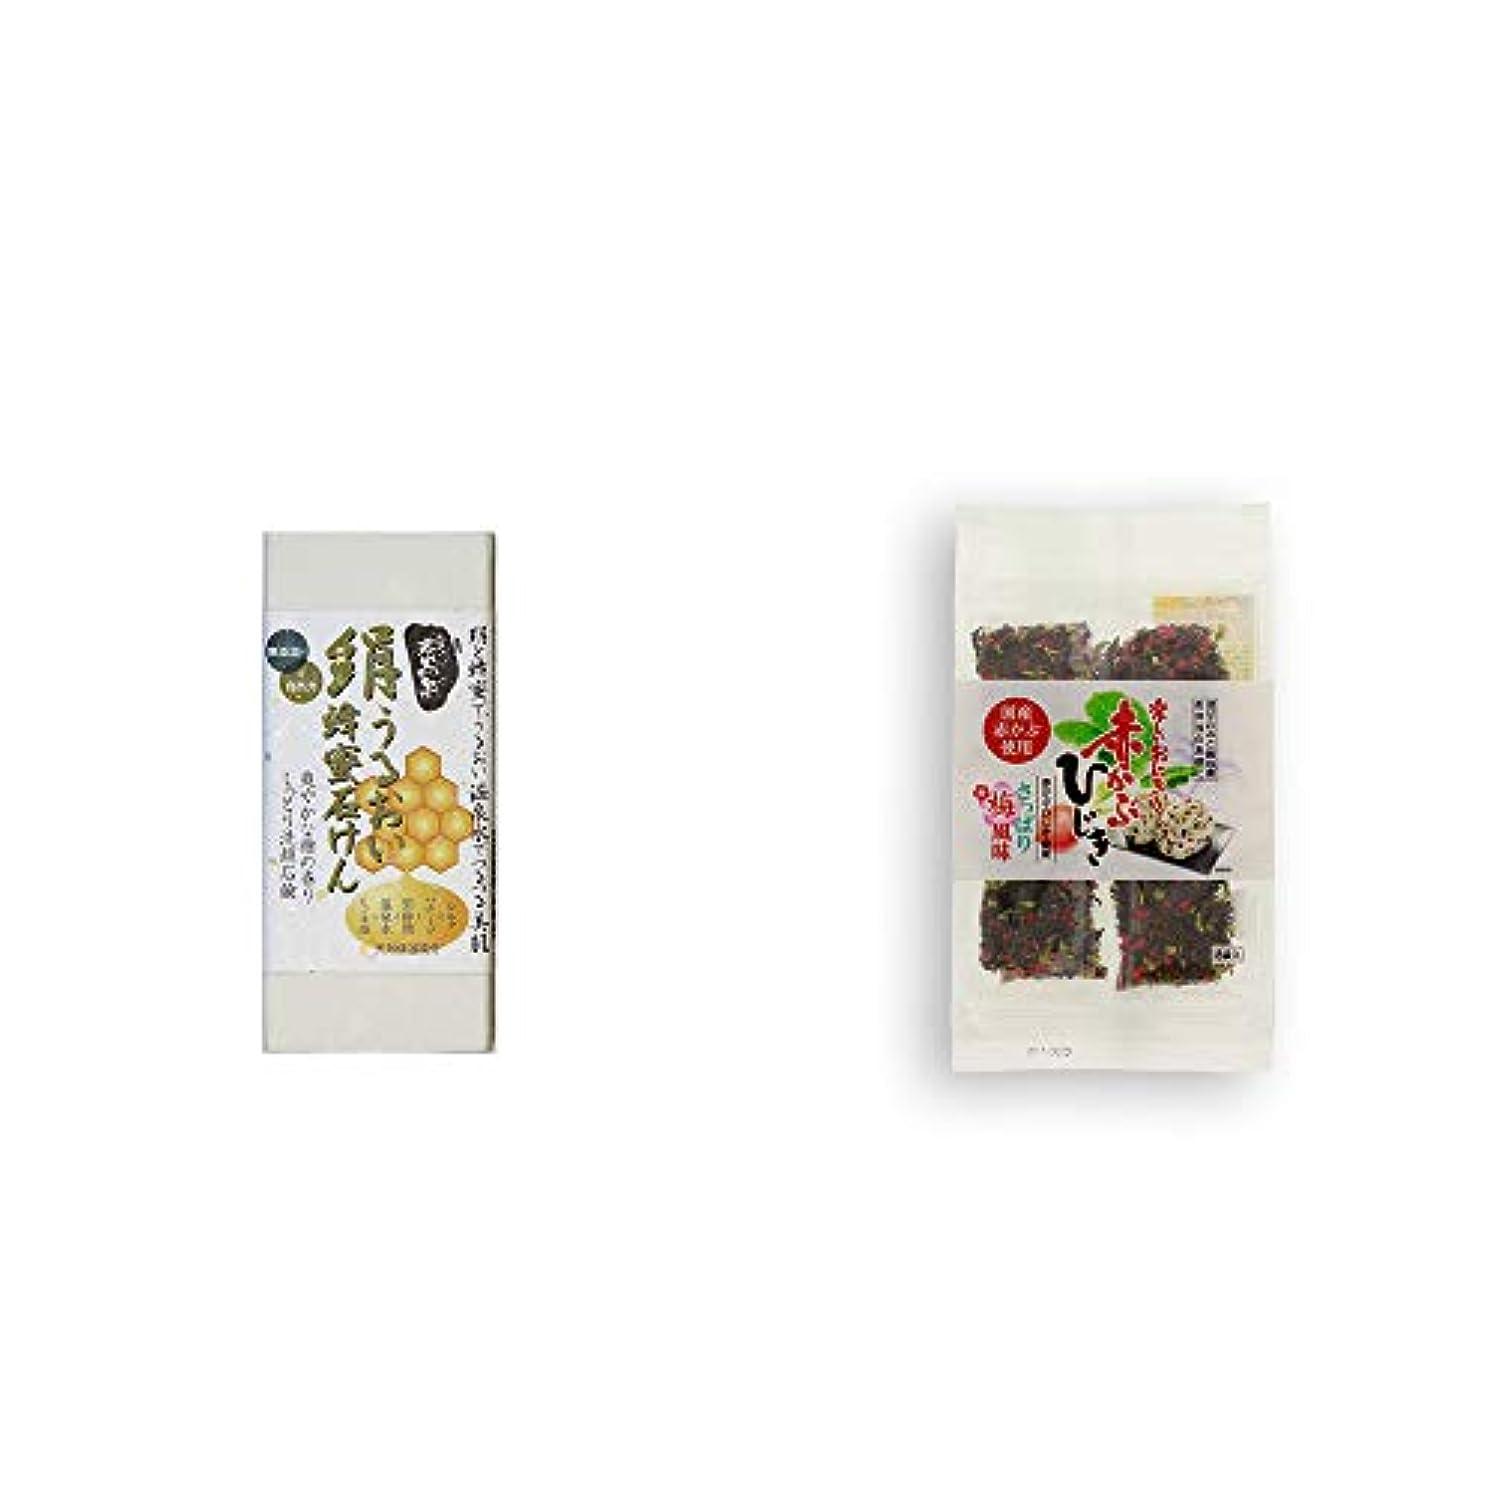 科学者夜明けにシェア[2点セット] ひのき炭黒泉 絹うるおい蜂蜜石けん(75g×2)?楽しいおにぎり 赤かぶひじき(8g×8袋)